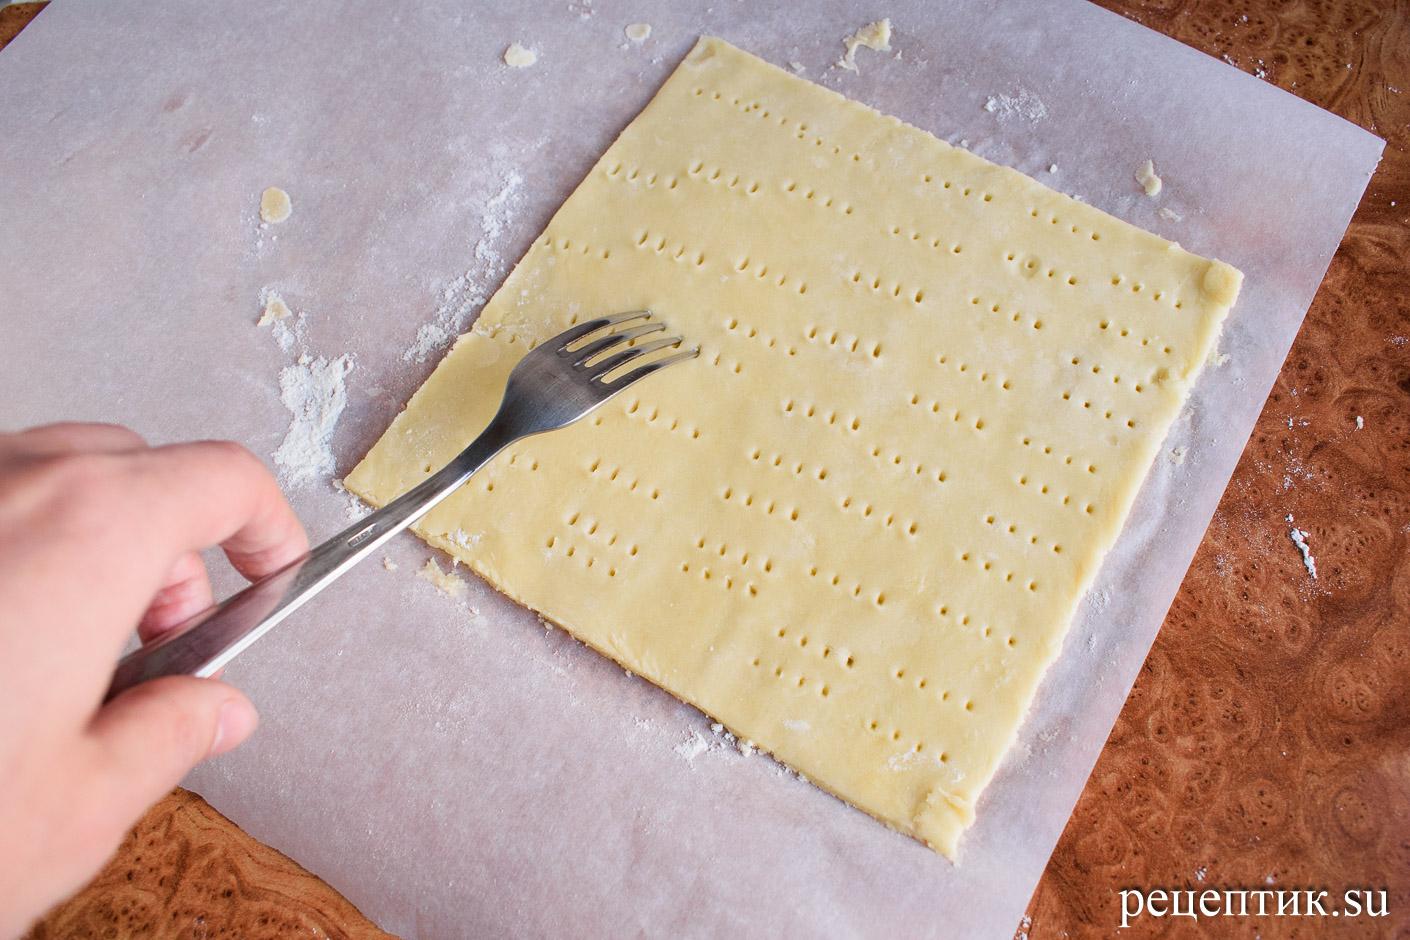 Торт «Ленинградский» — песочный торт с шоколадным масляным кремом - рецепт с фото, шаг 2